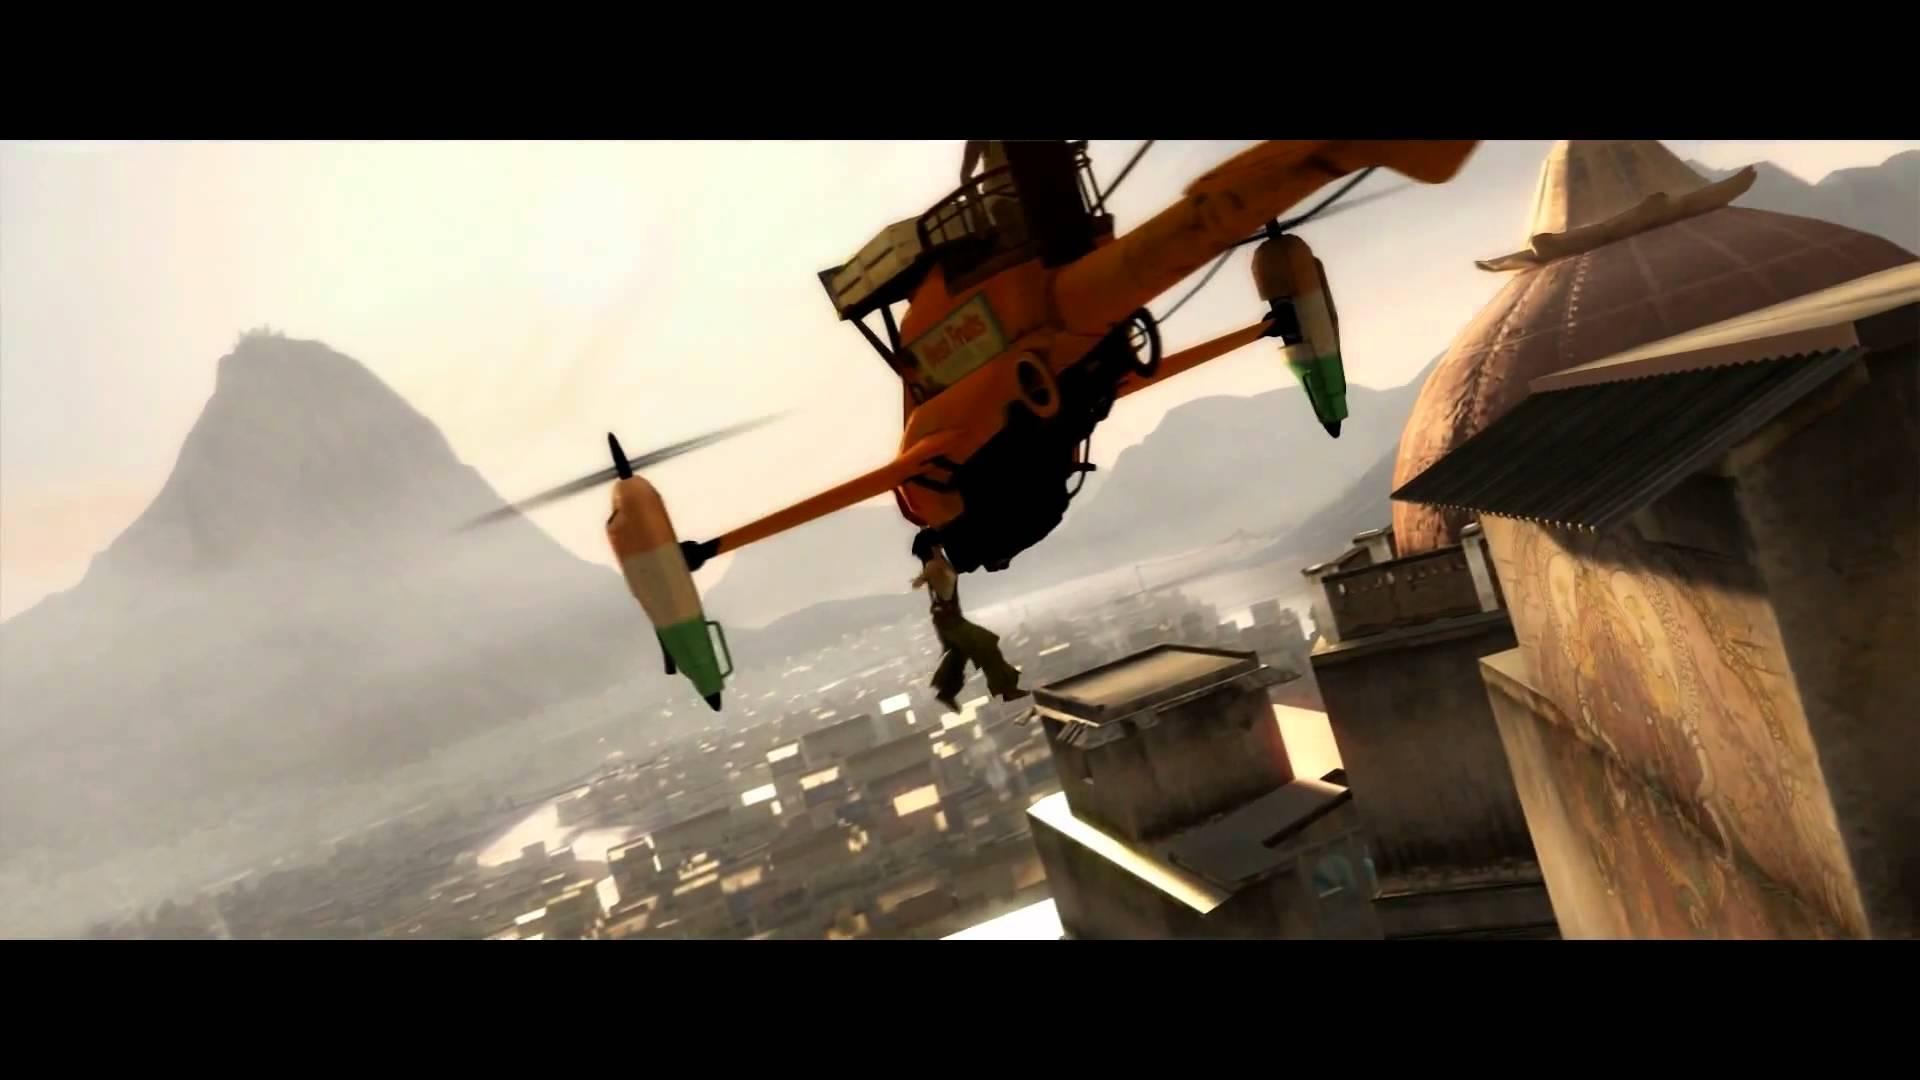 Кинематографический трейлер иарты Beyond Good and Evil 2— E3 2017